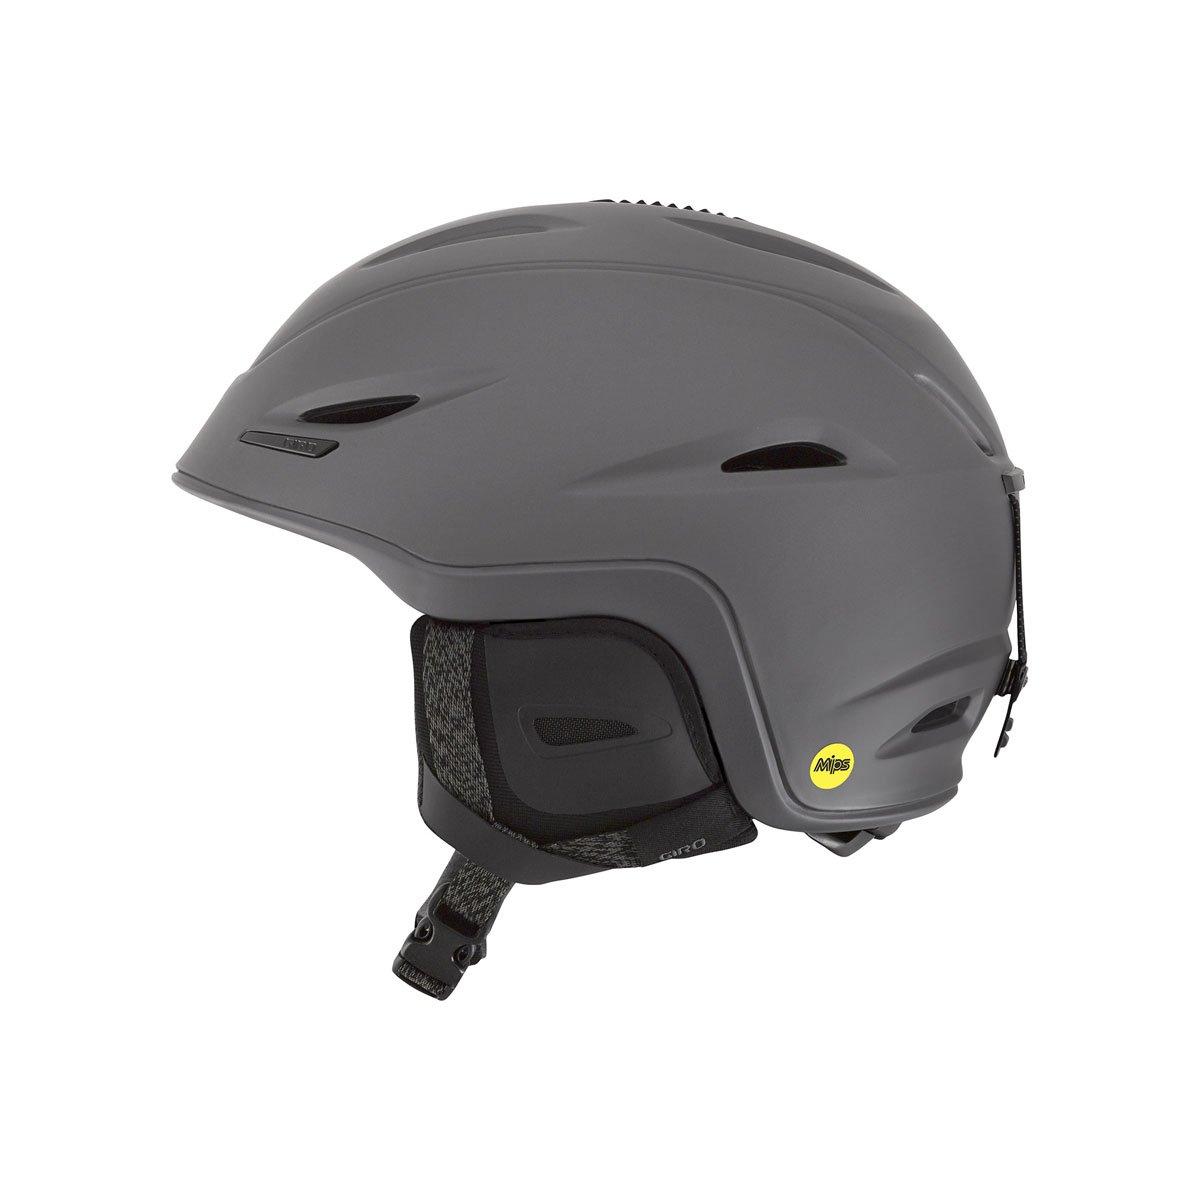 [ジロ] ユニオン ミップス メンズ ヘルメット AF Matte Titanium UNION MIPS AF B076HCDH8T M